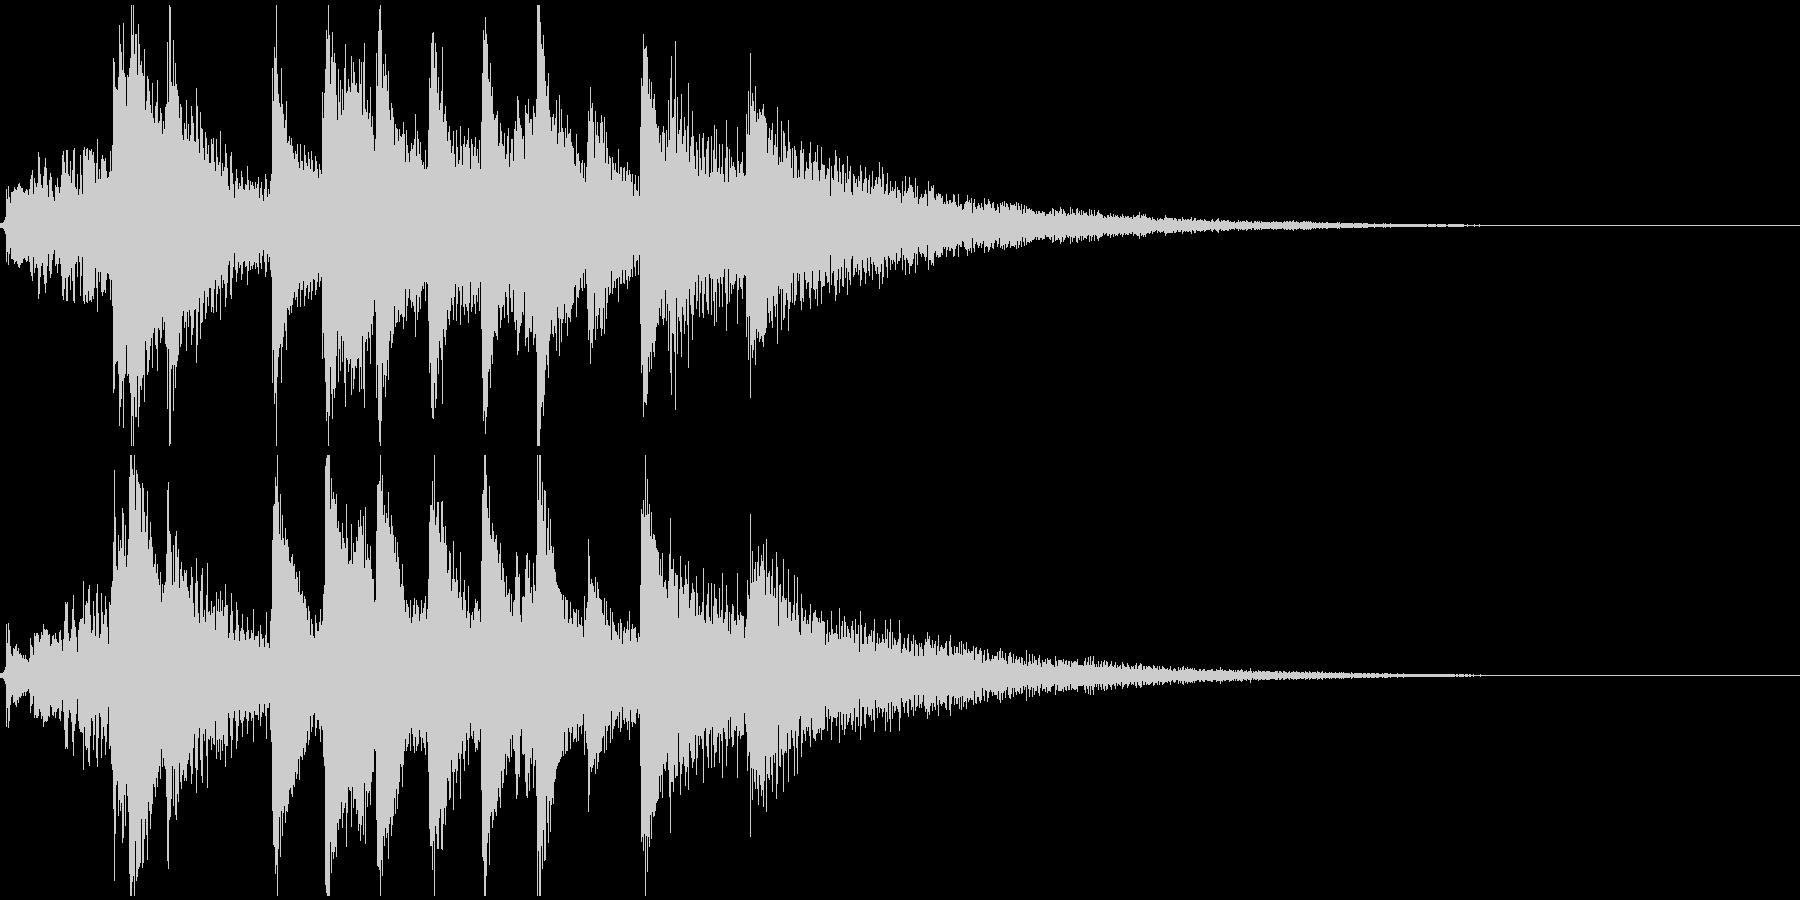 琴の和風ジングル2の未再生の波形